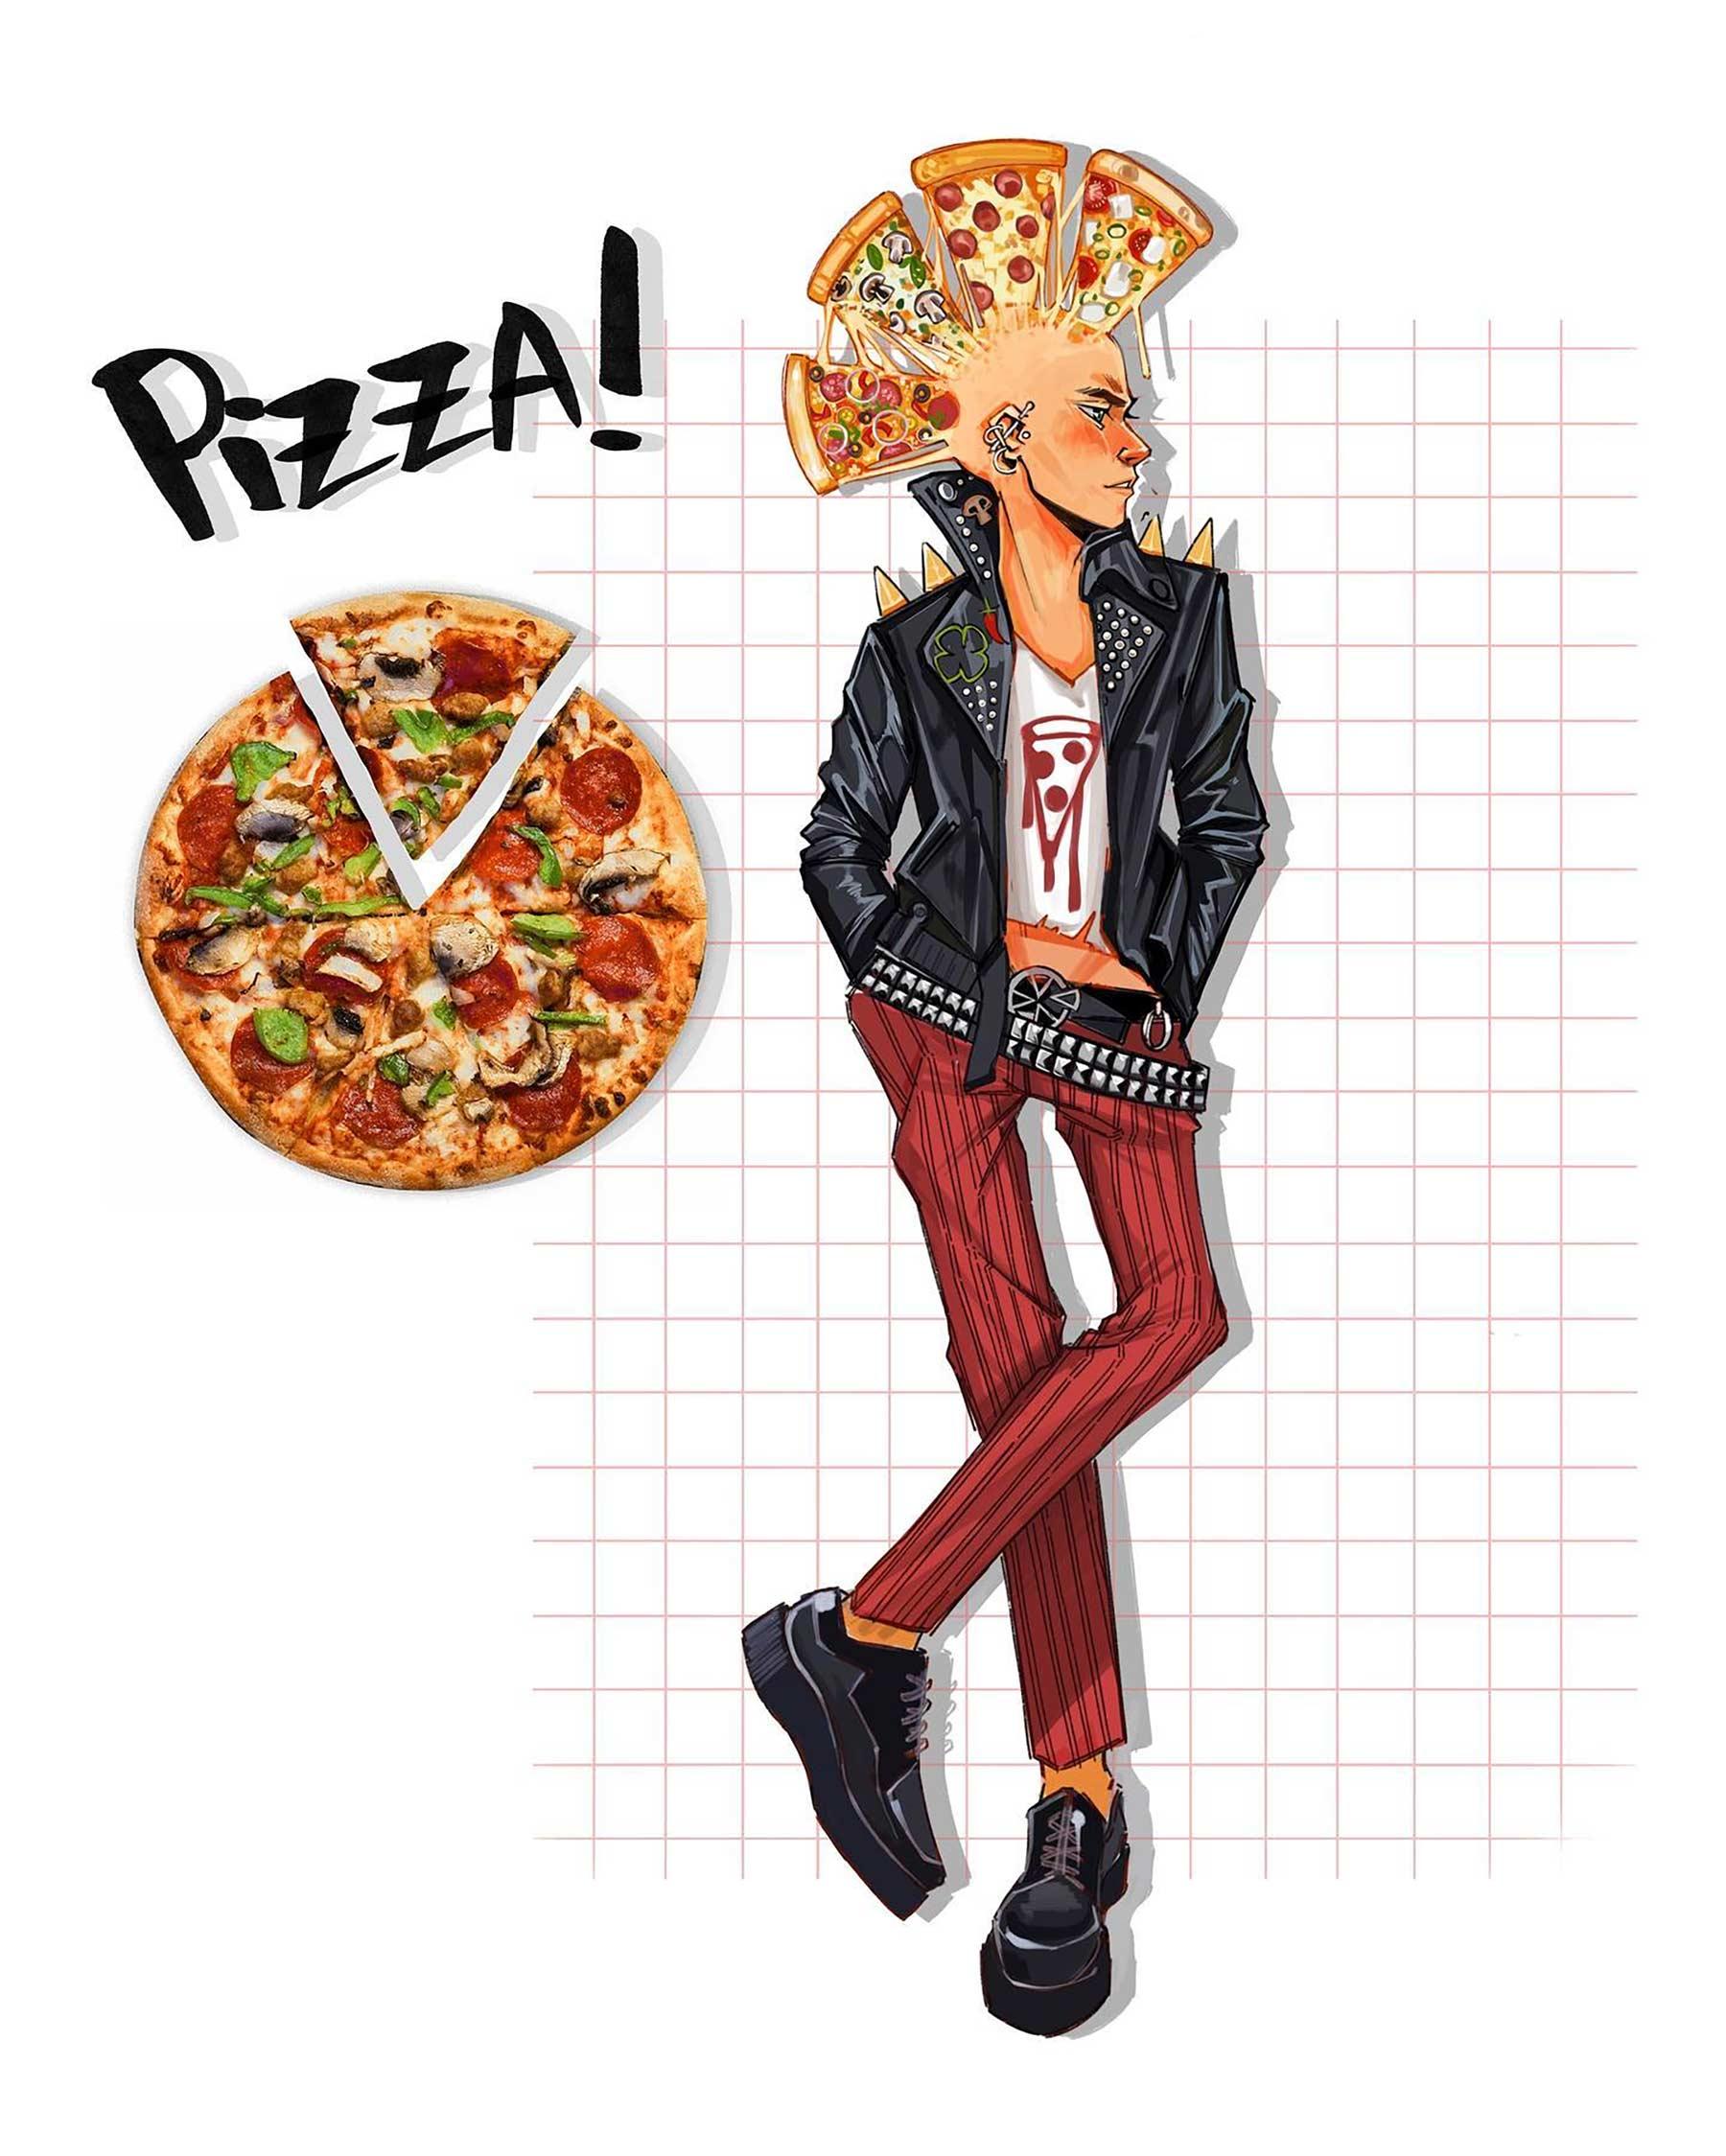 Wenn Snacks Menschen wären lyra-art-food-characters_05